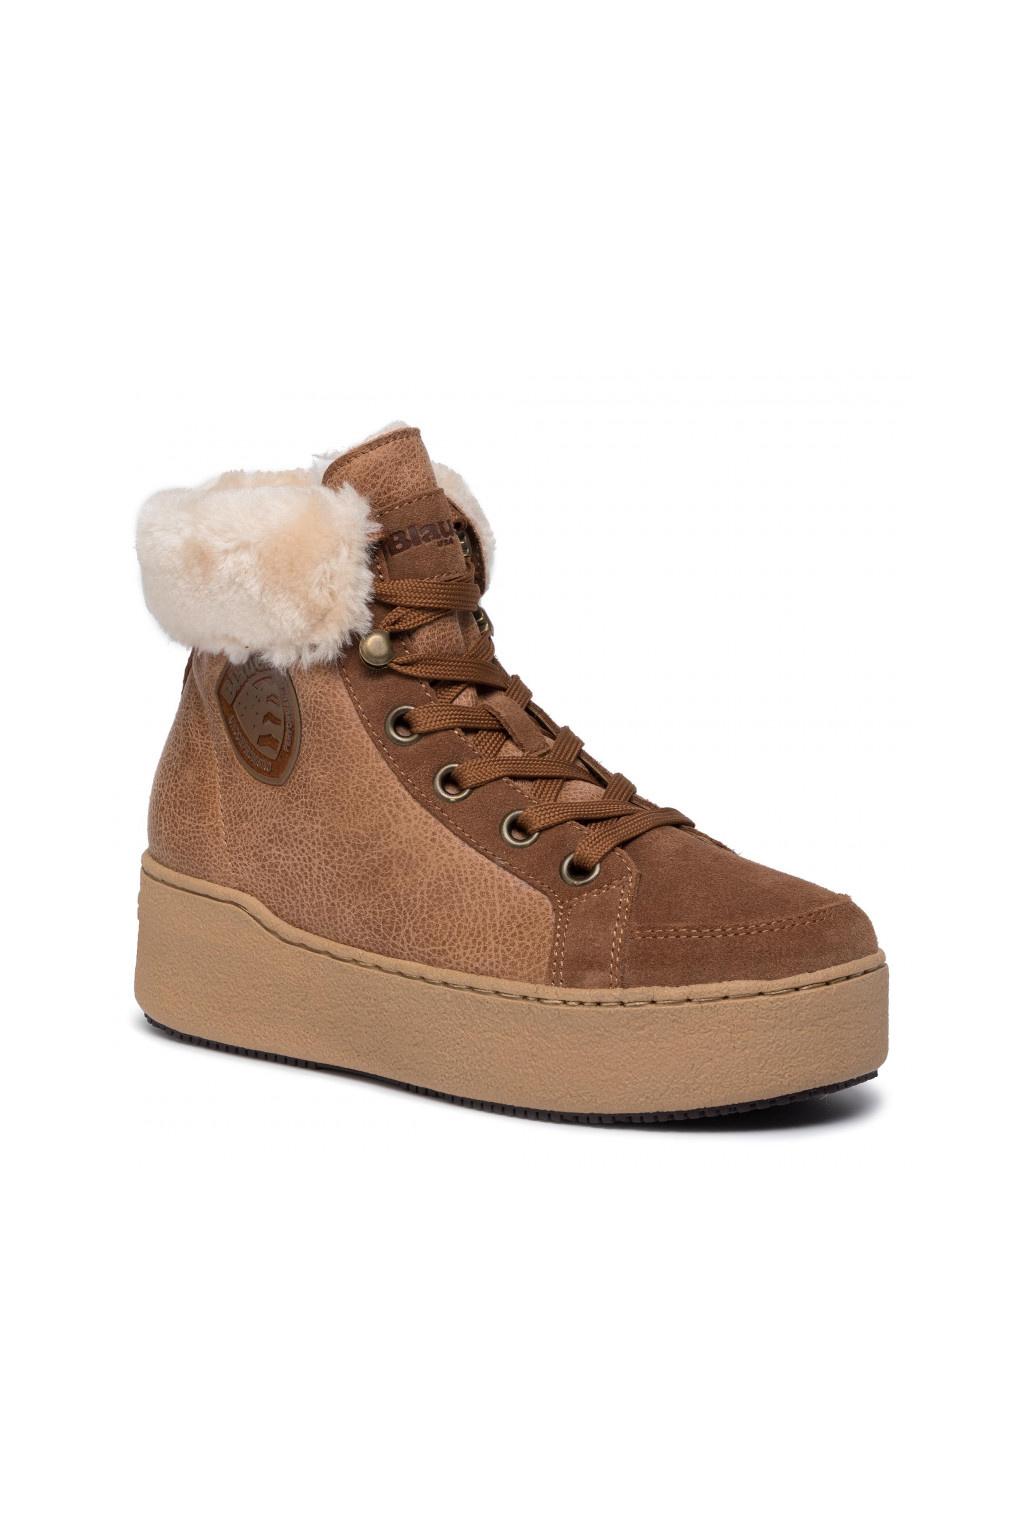 Dámská obuv Blauer Madeline hnědá F0MADELINE04